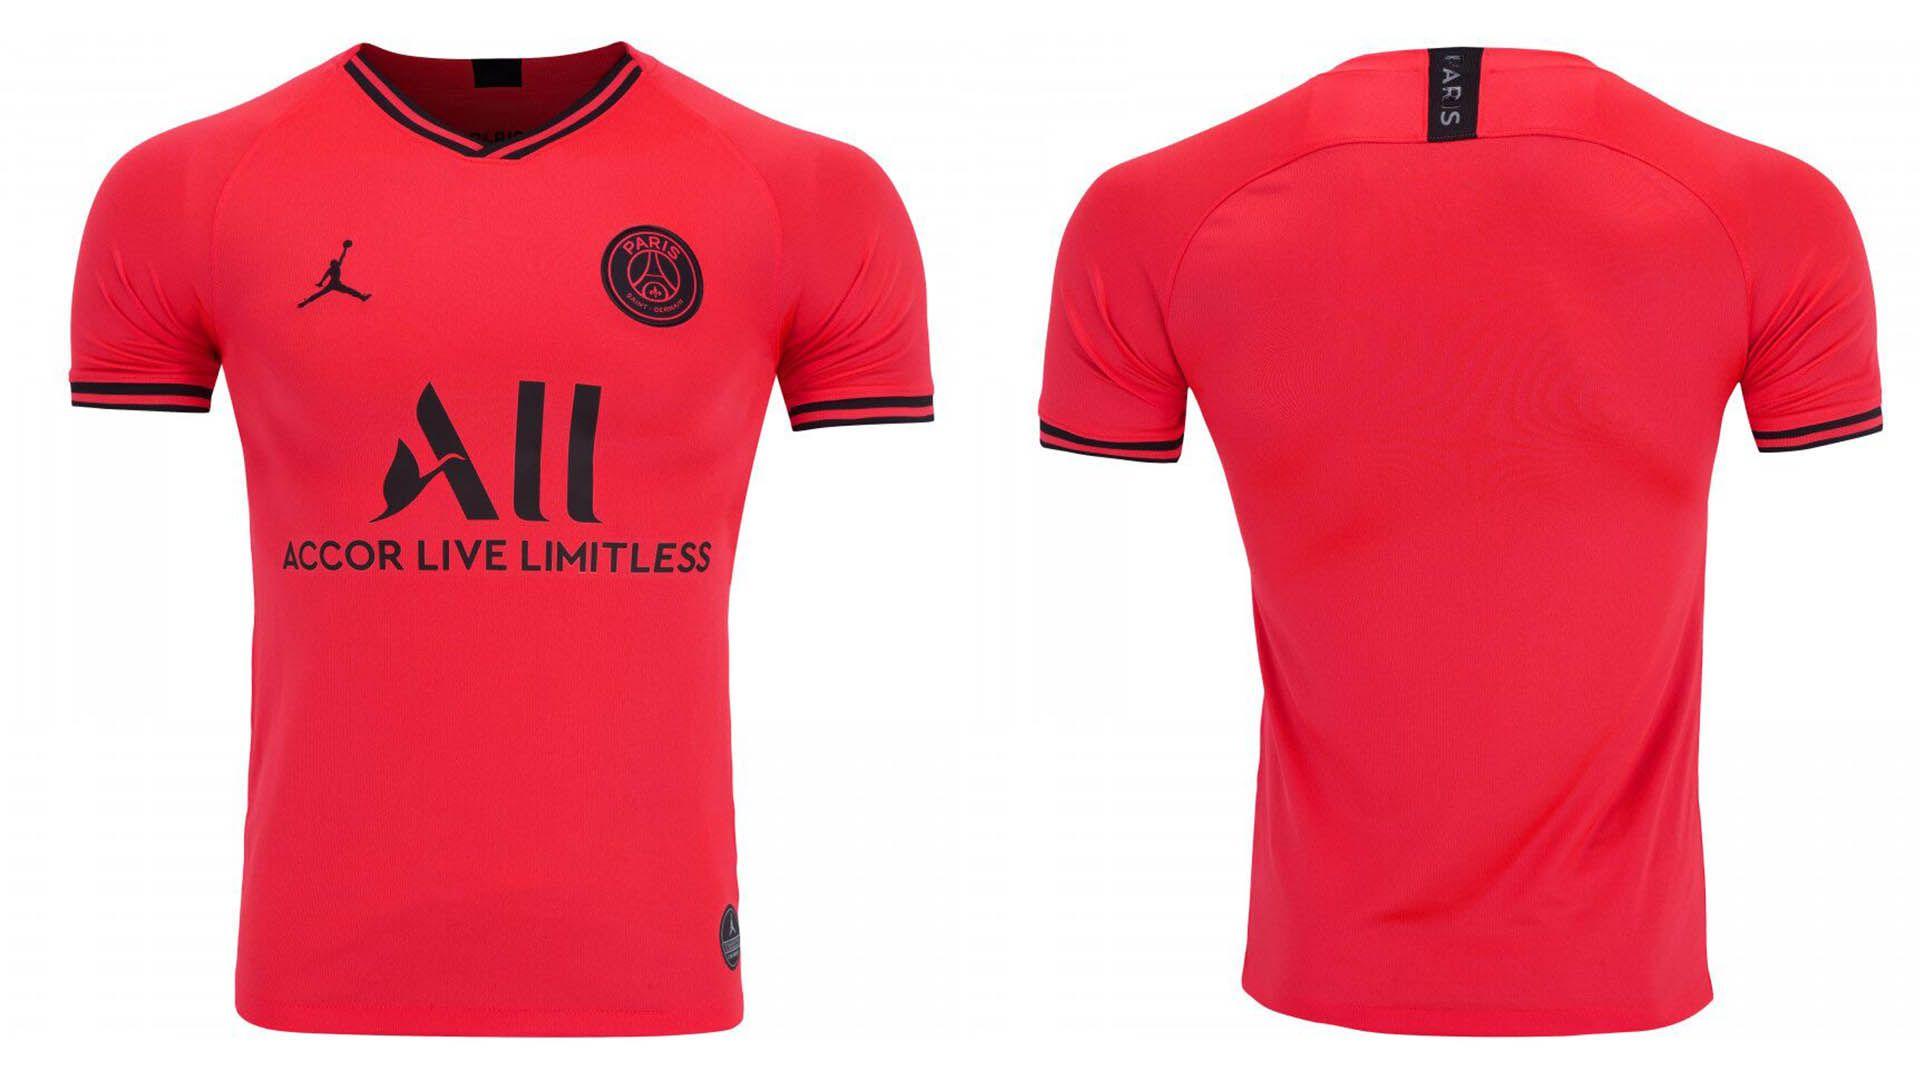 Conheça As 12 Camisas De Times Europeus Mais Bonitas Da Nike Em 2020 Camisas De Times Camisa Barcelona Camisa